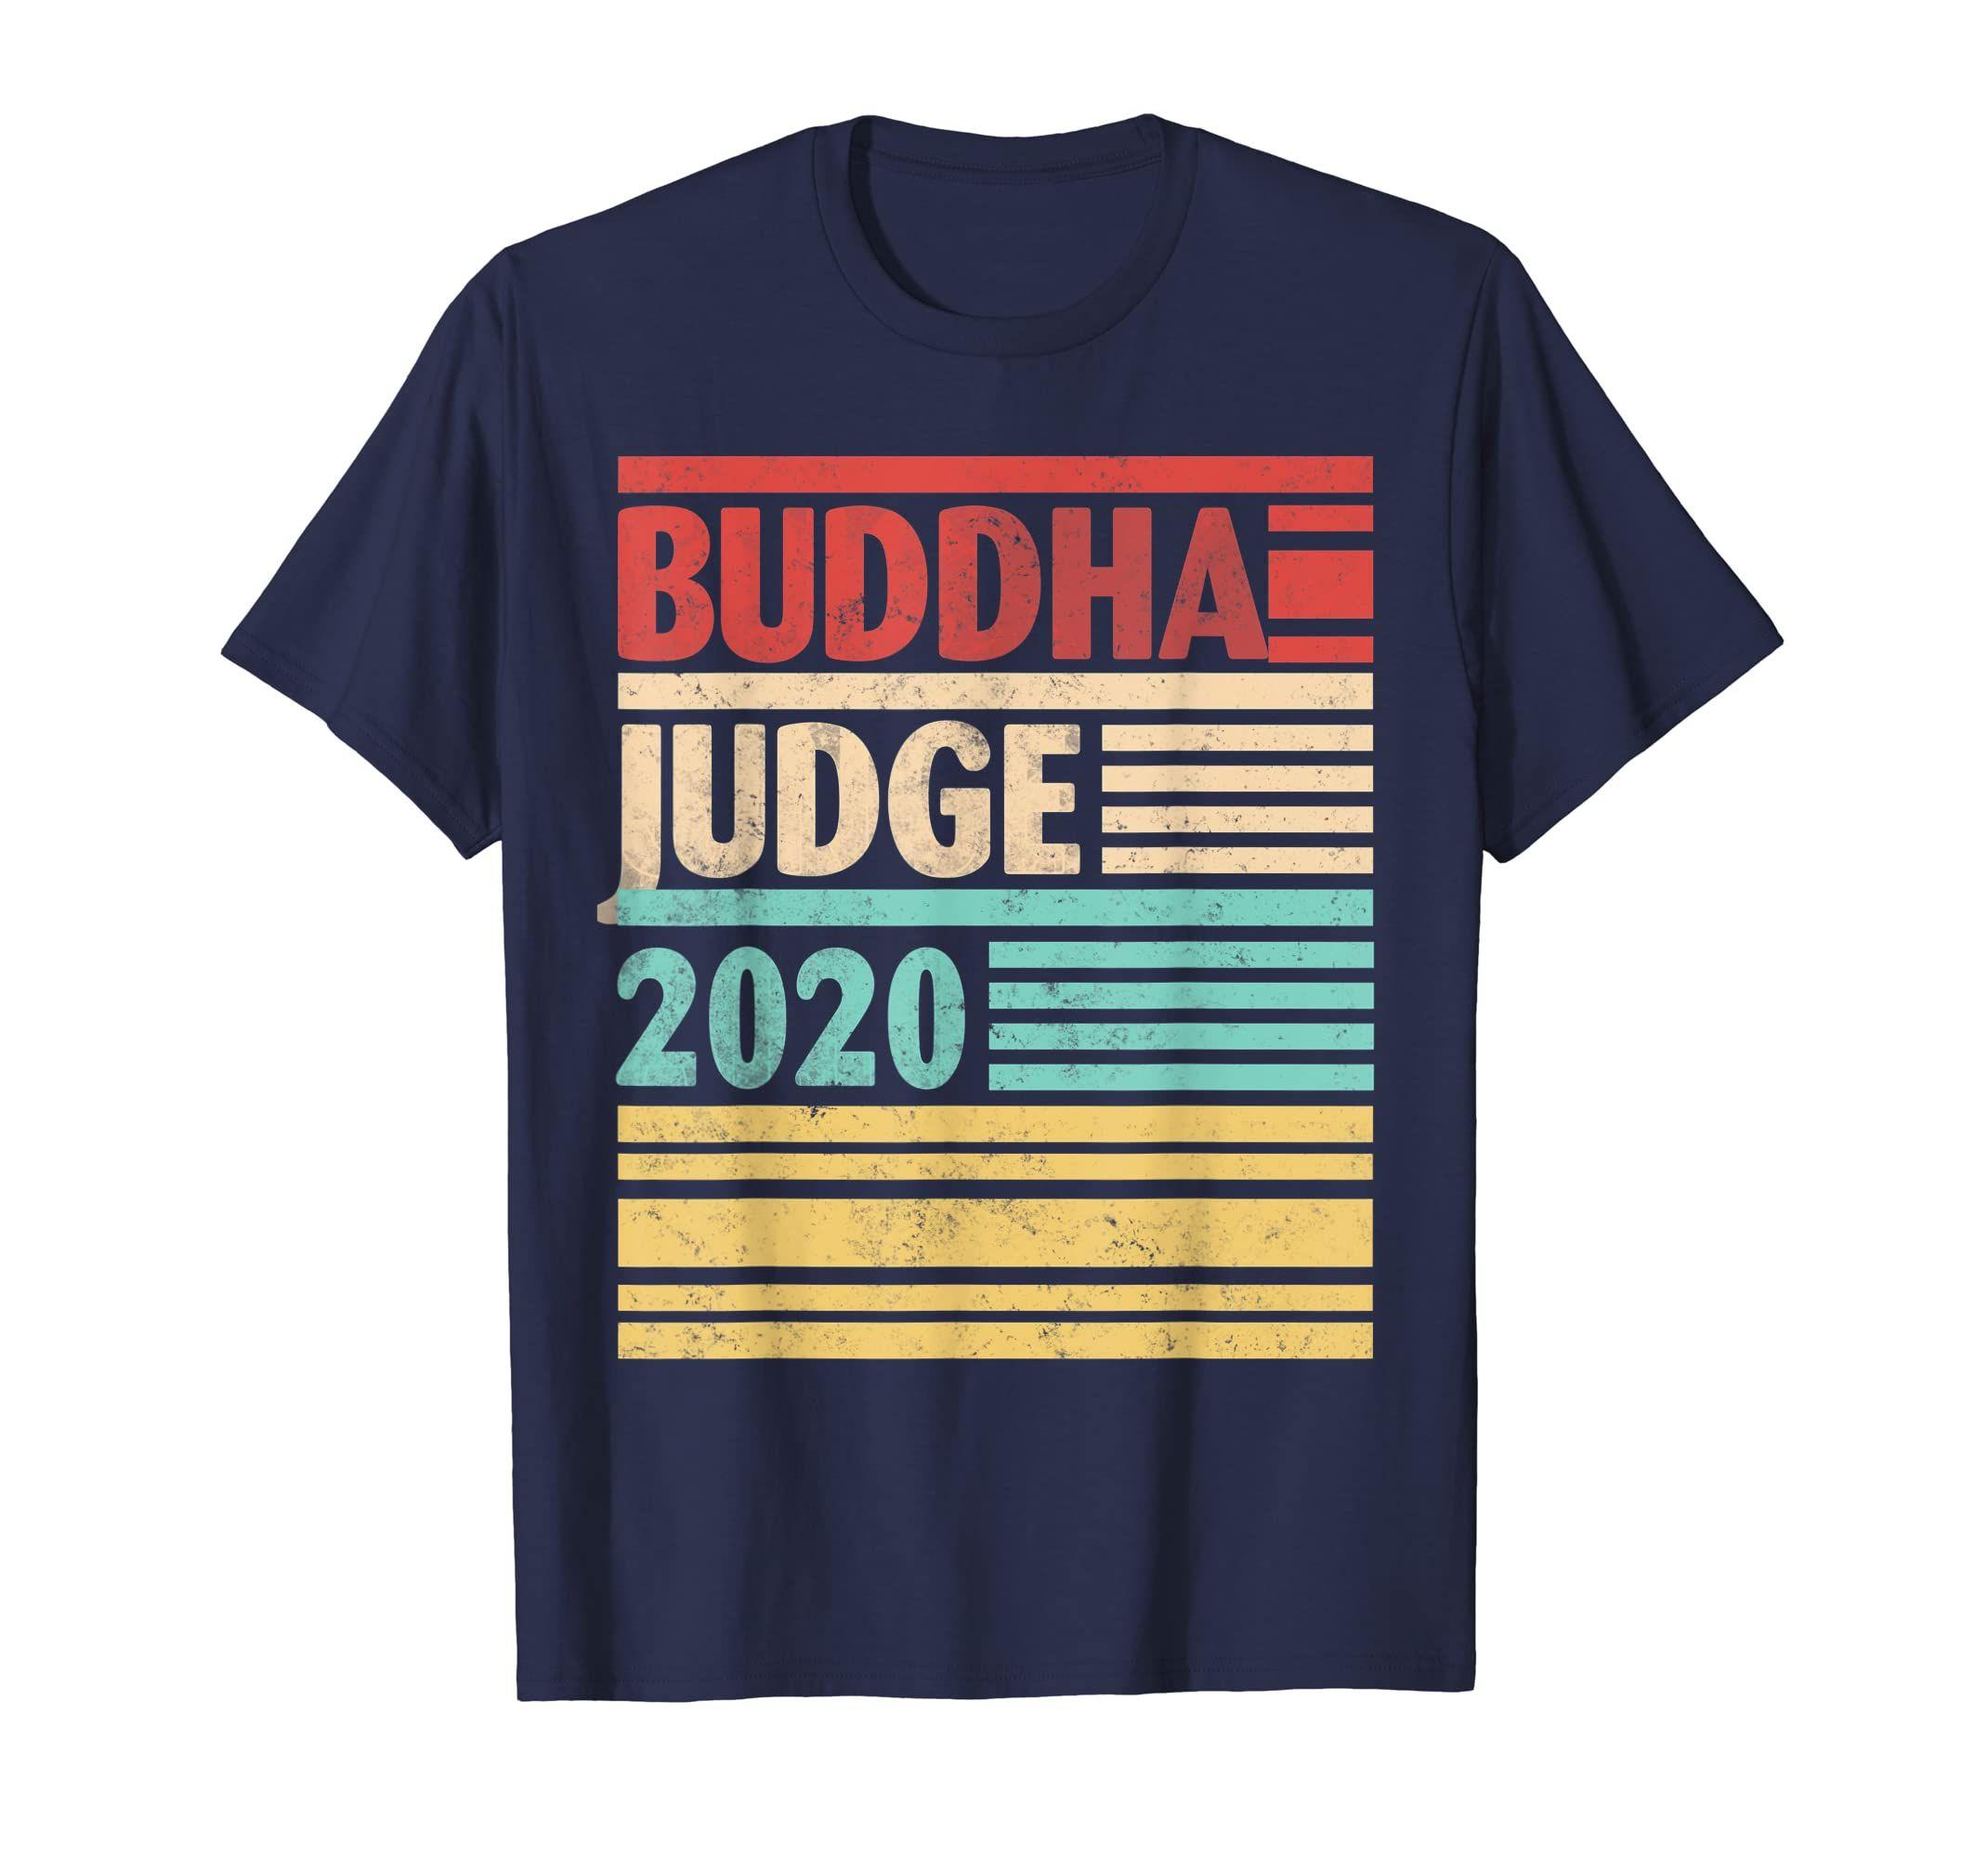 VINTAGE BUDDHA JUDGE 2020 TSHIRT-Teehay